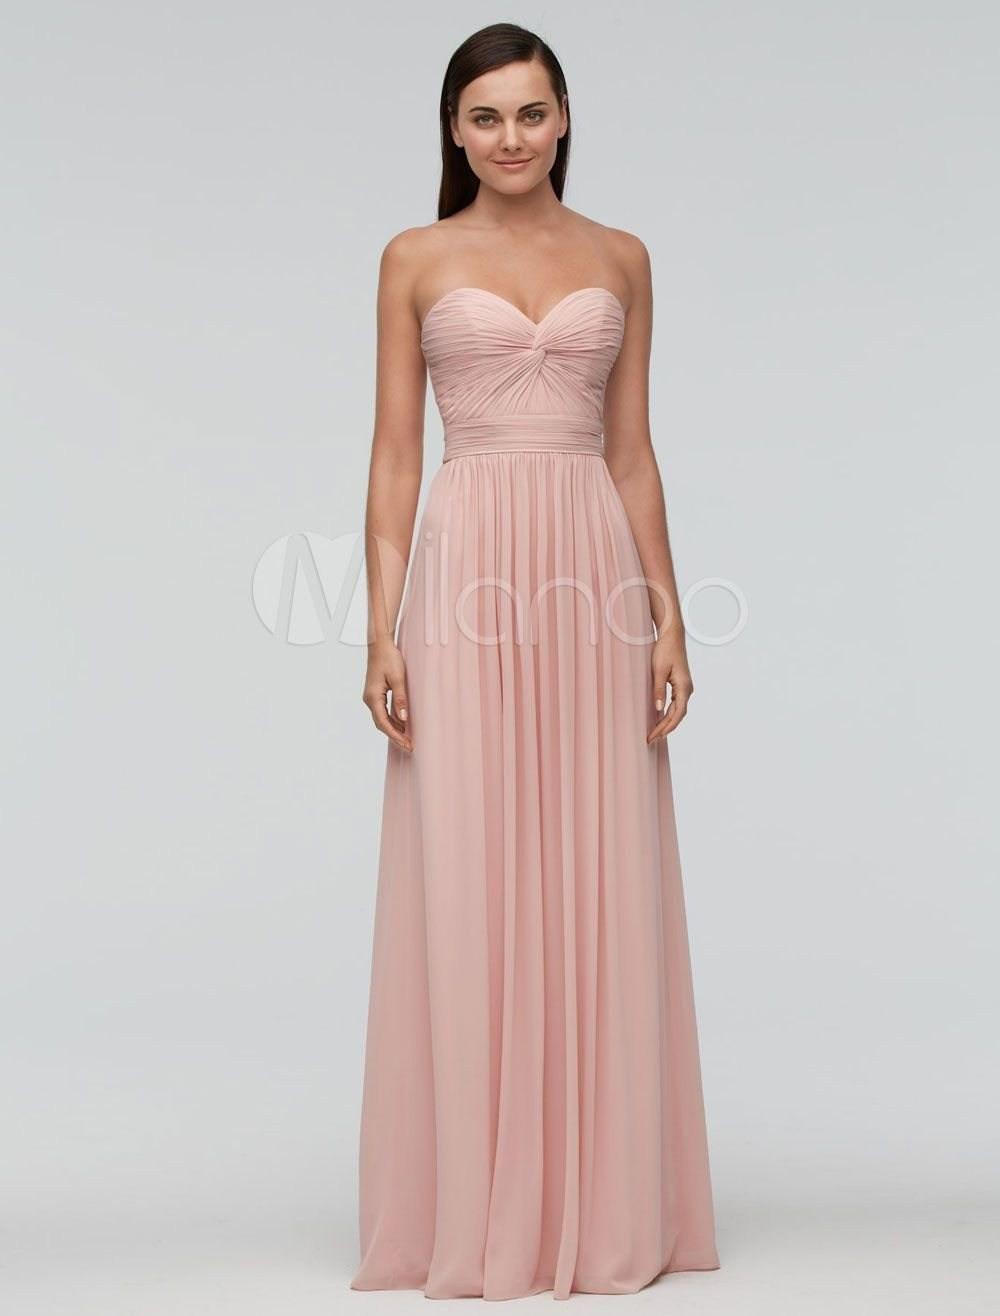 17 Schön Kleider Für Eine Hochzeit Galerie17 Kreativ Kleider Für Eine Hochzeit Design